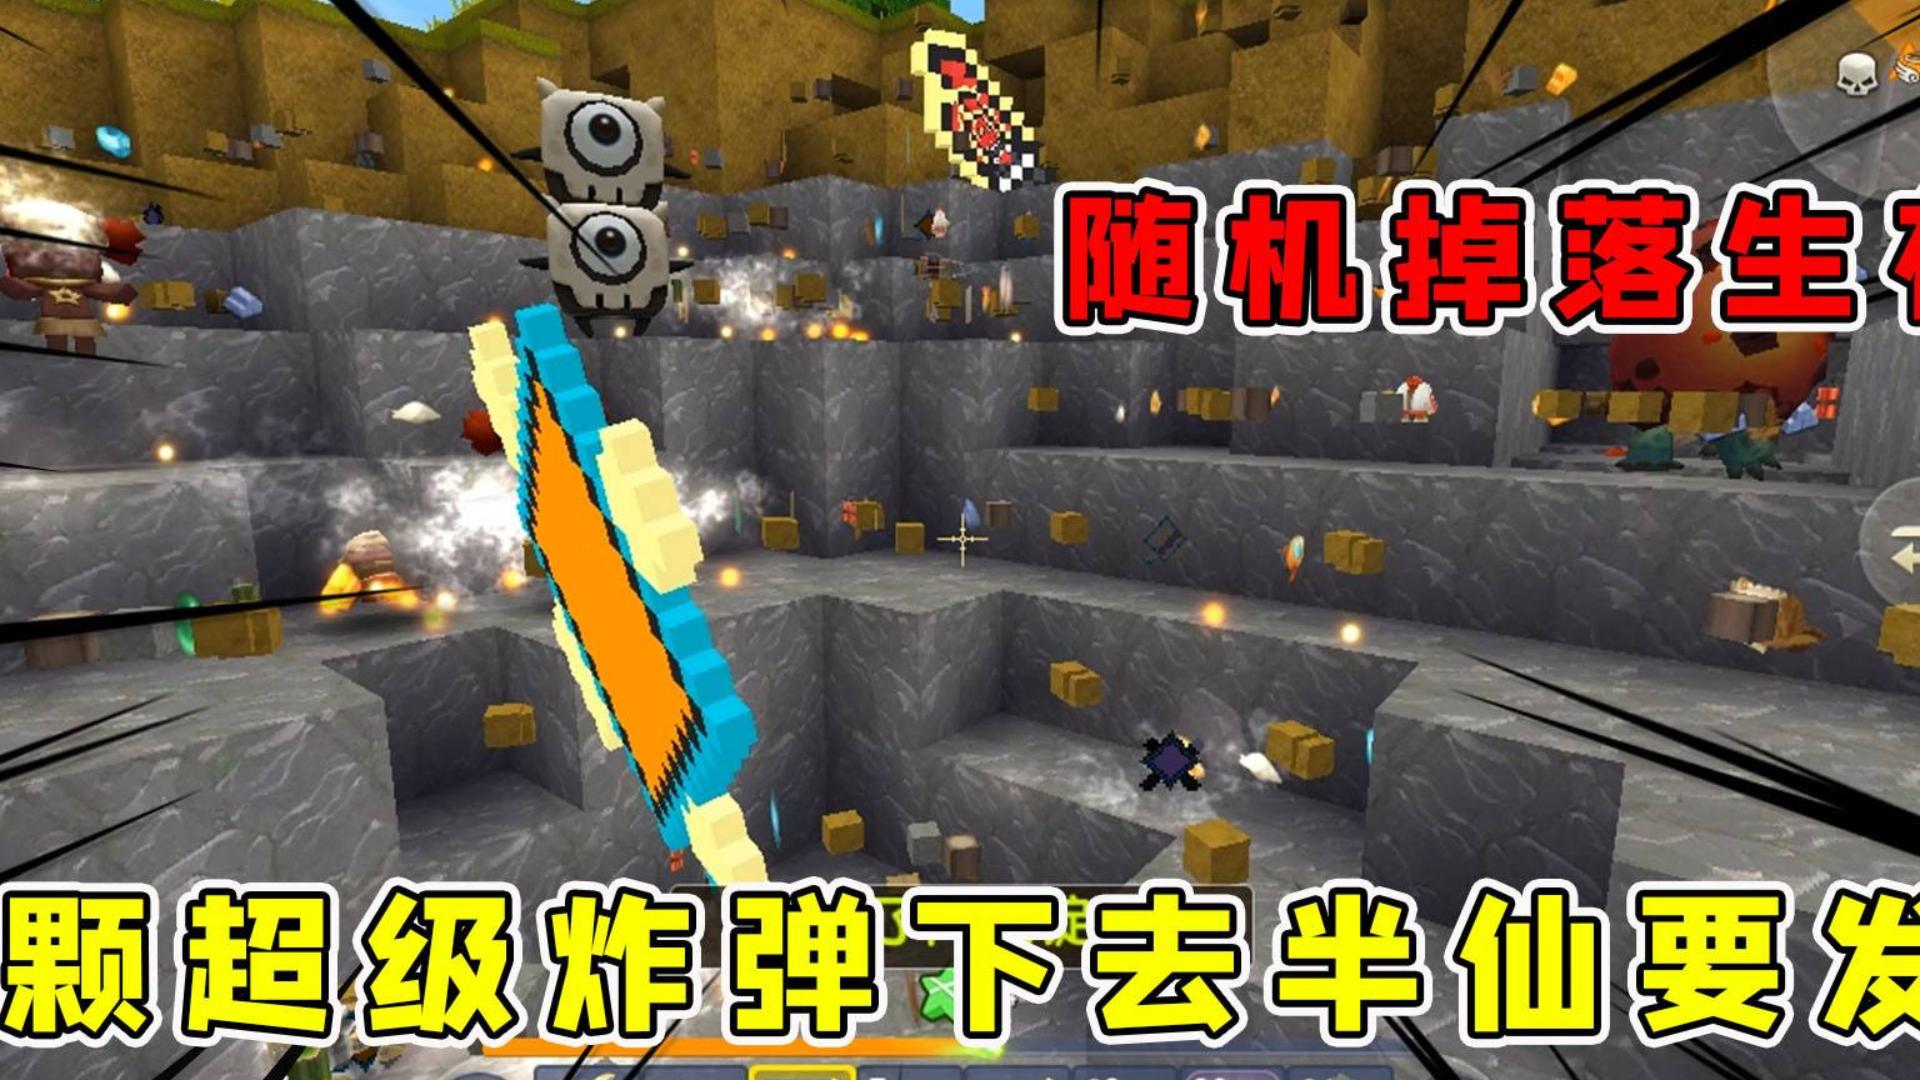 迷你世界:随机掉落生存,半仙一个超级炸弹神器爆满地,无敌喽